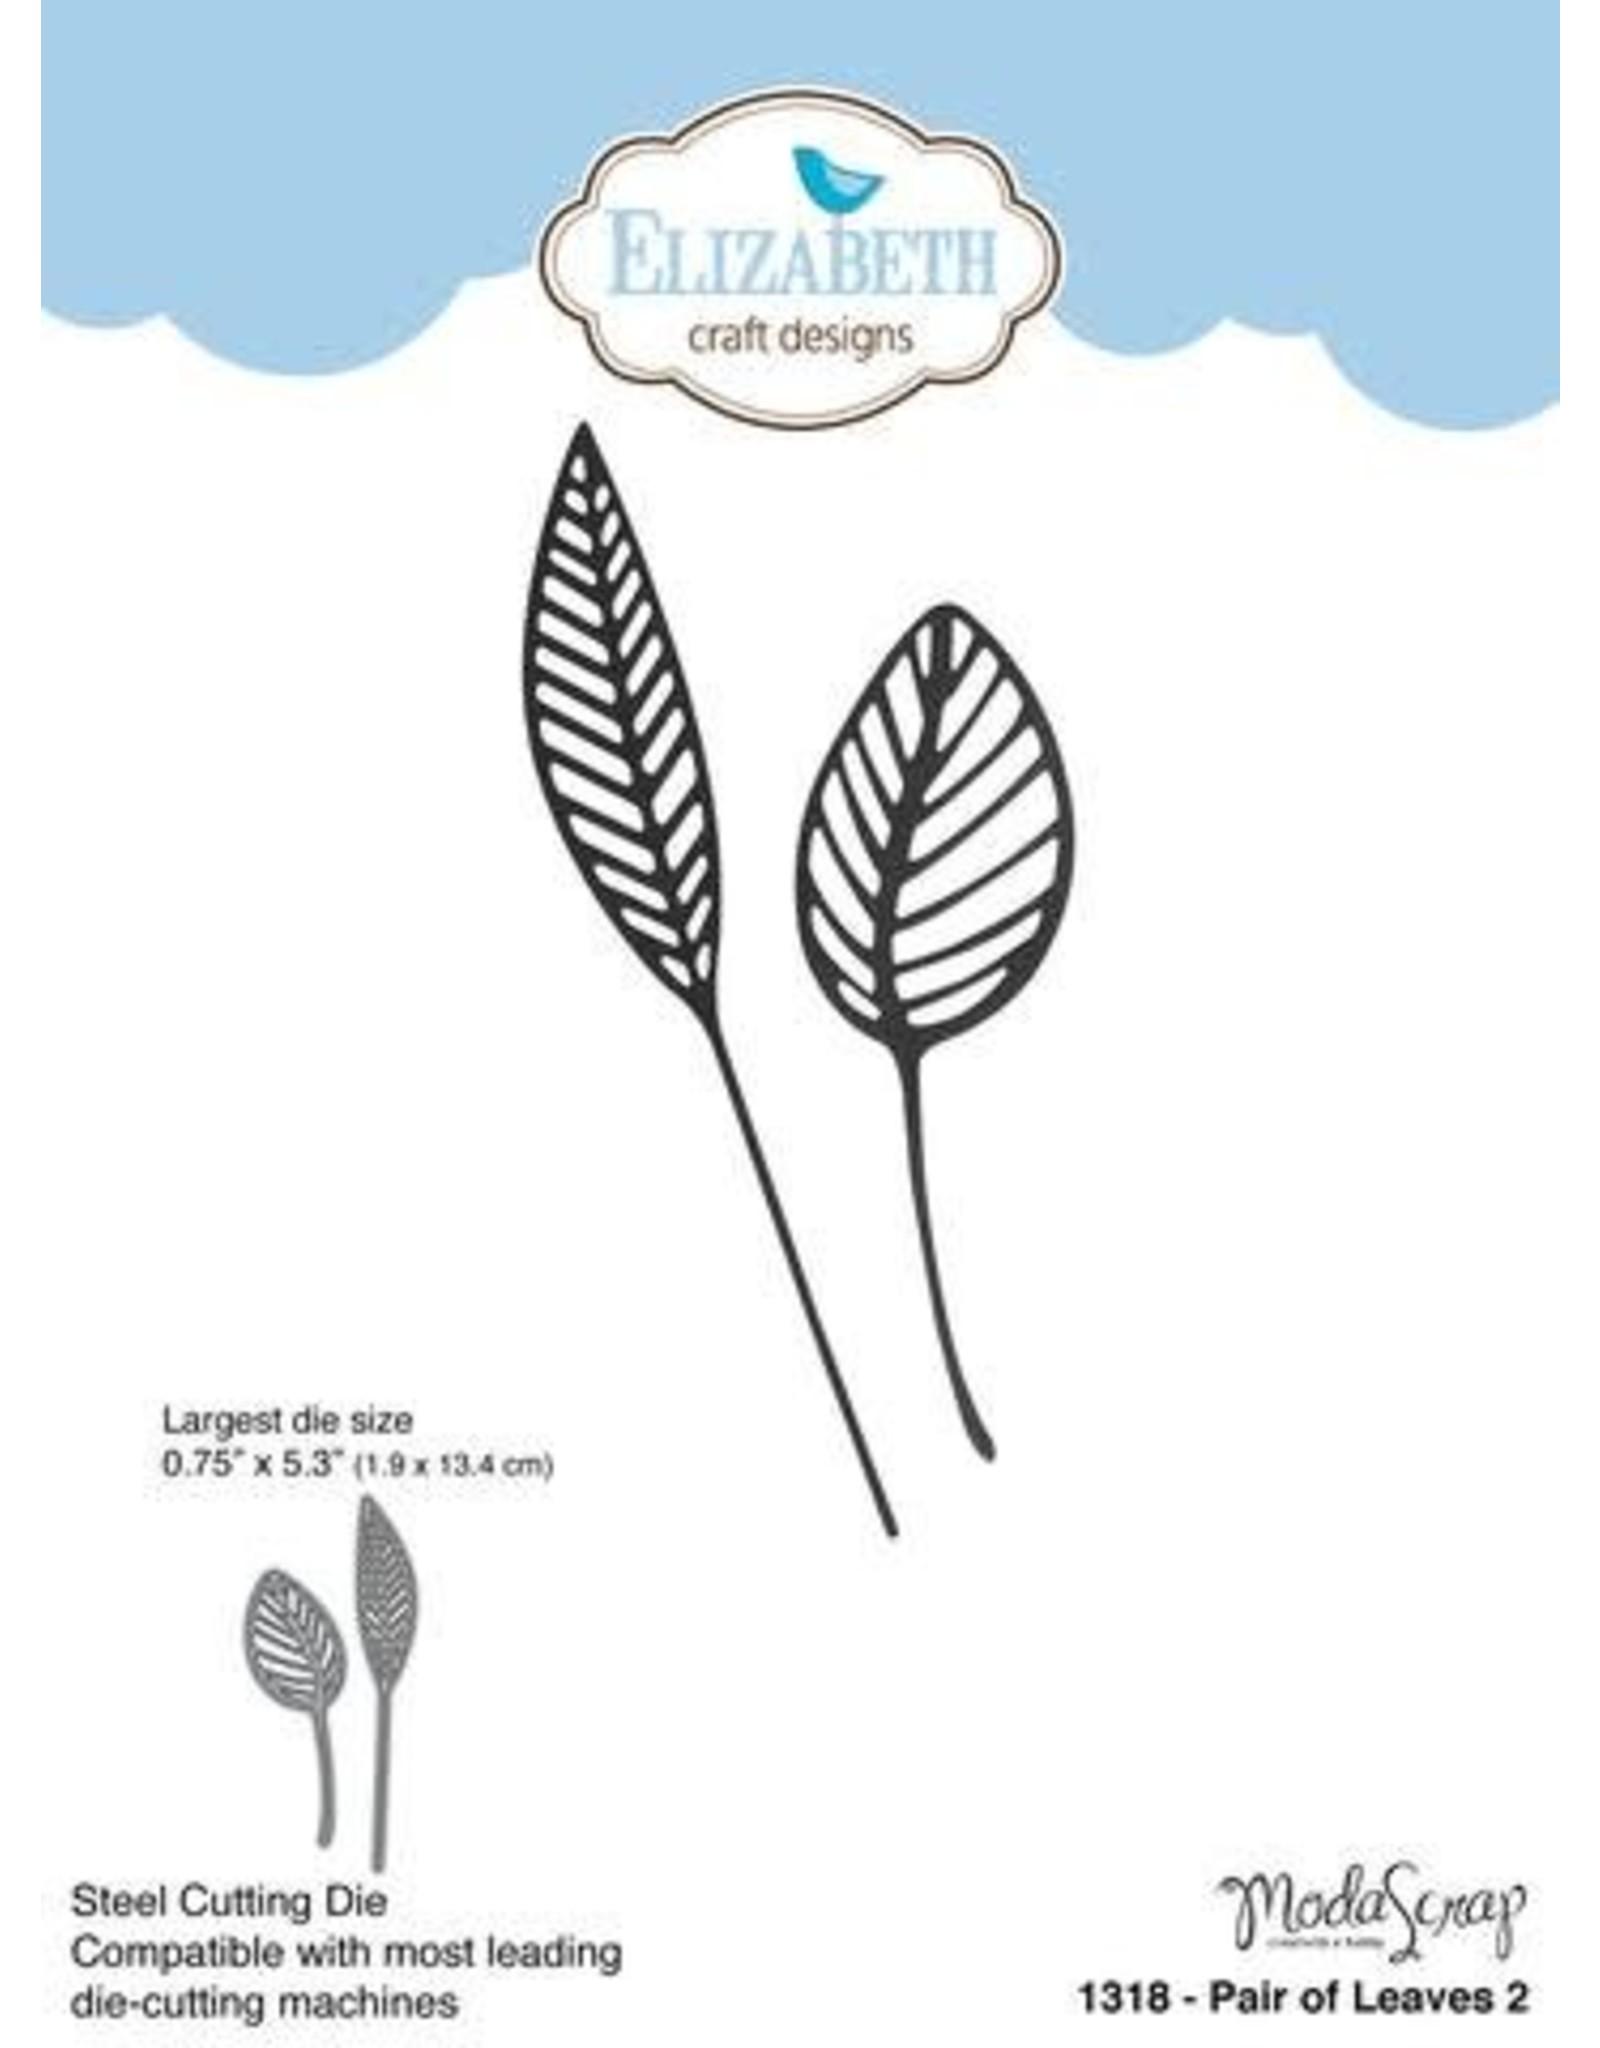 Elizabeth Craft Designs Elizabeth Craft Designs Pair of leaves 2  1318